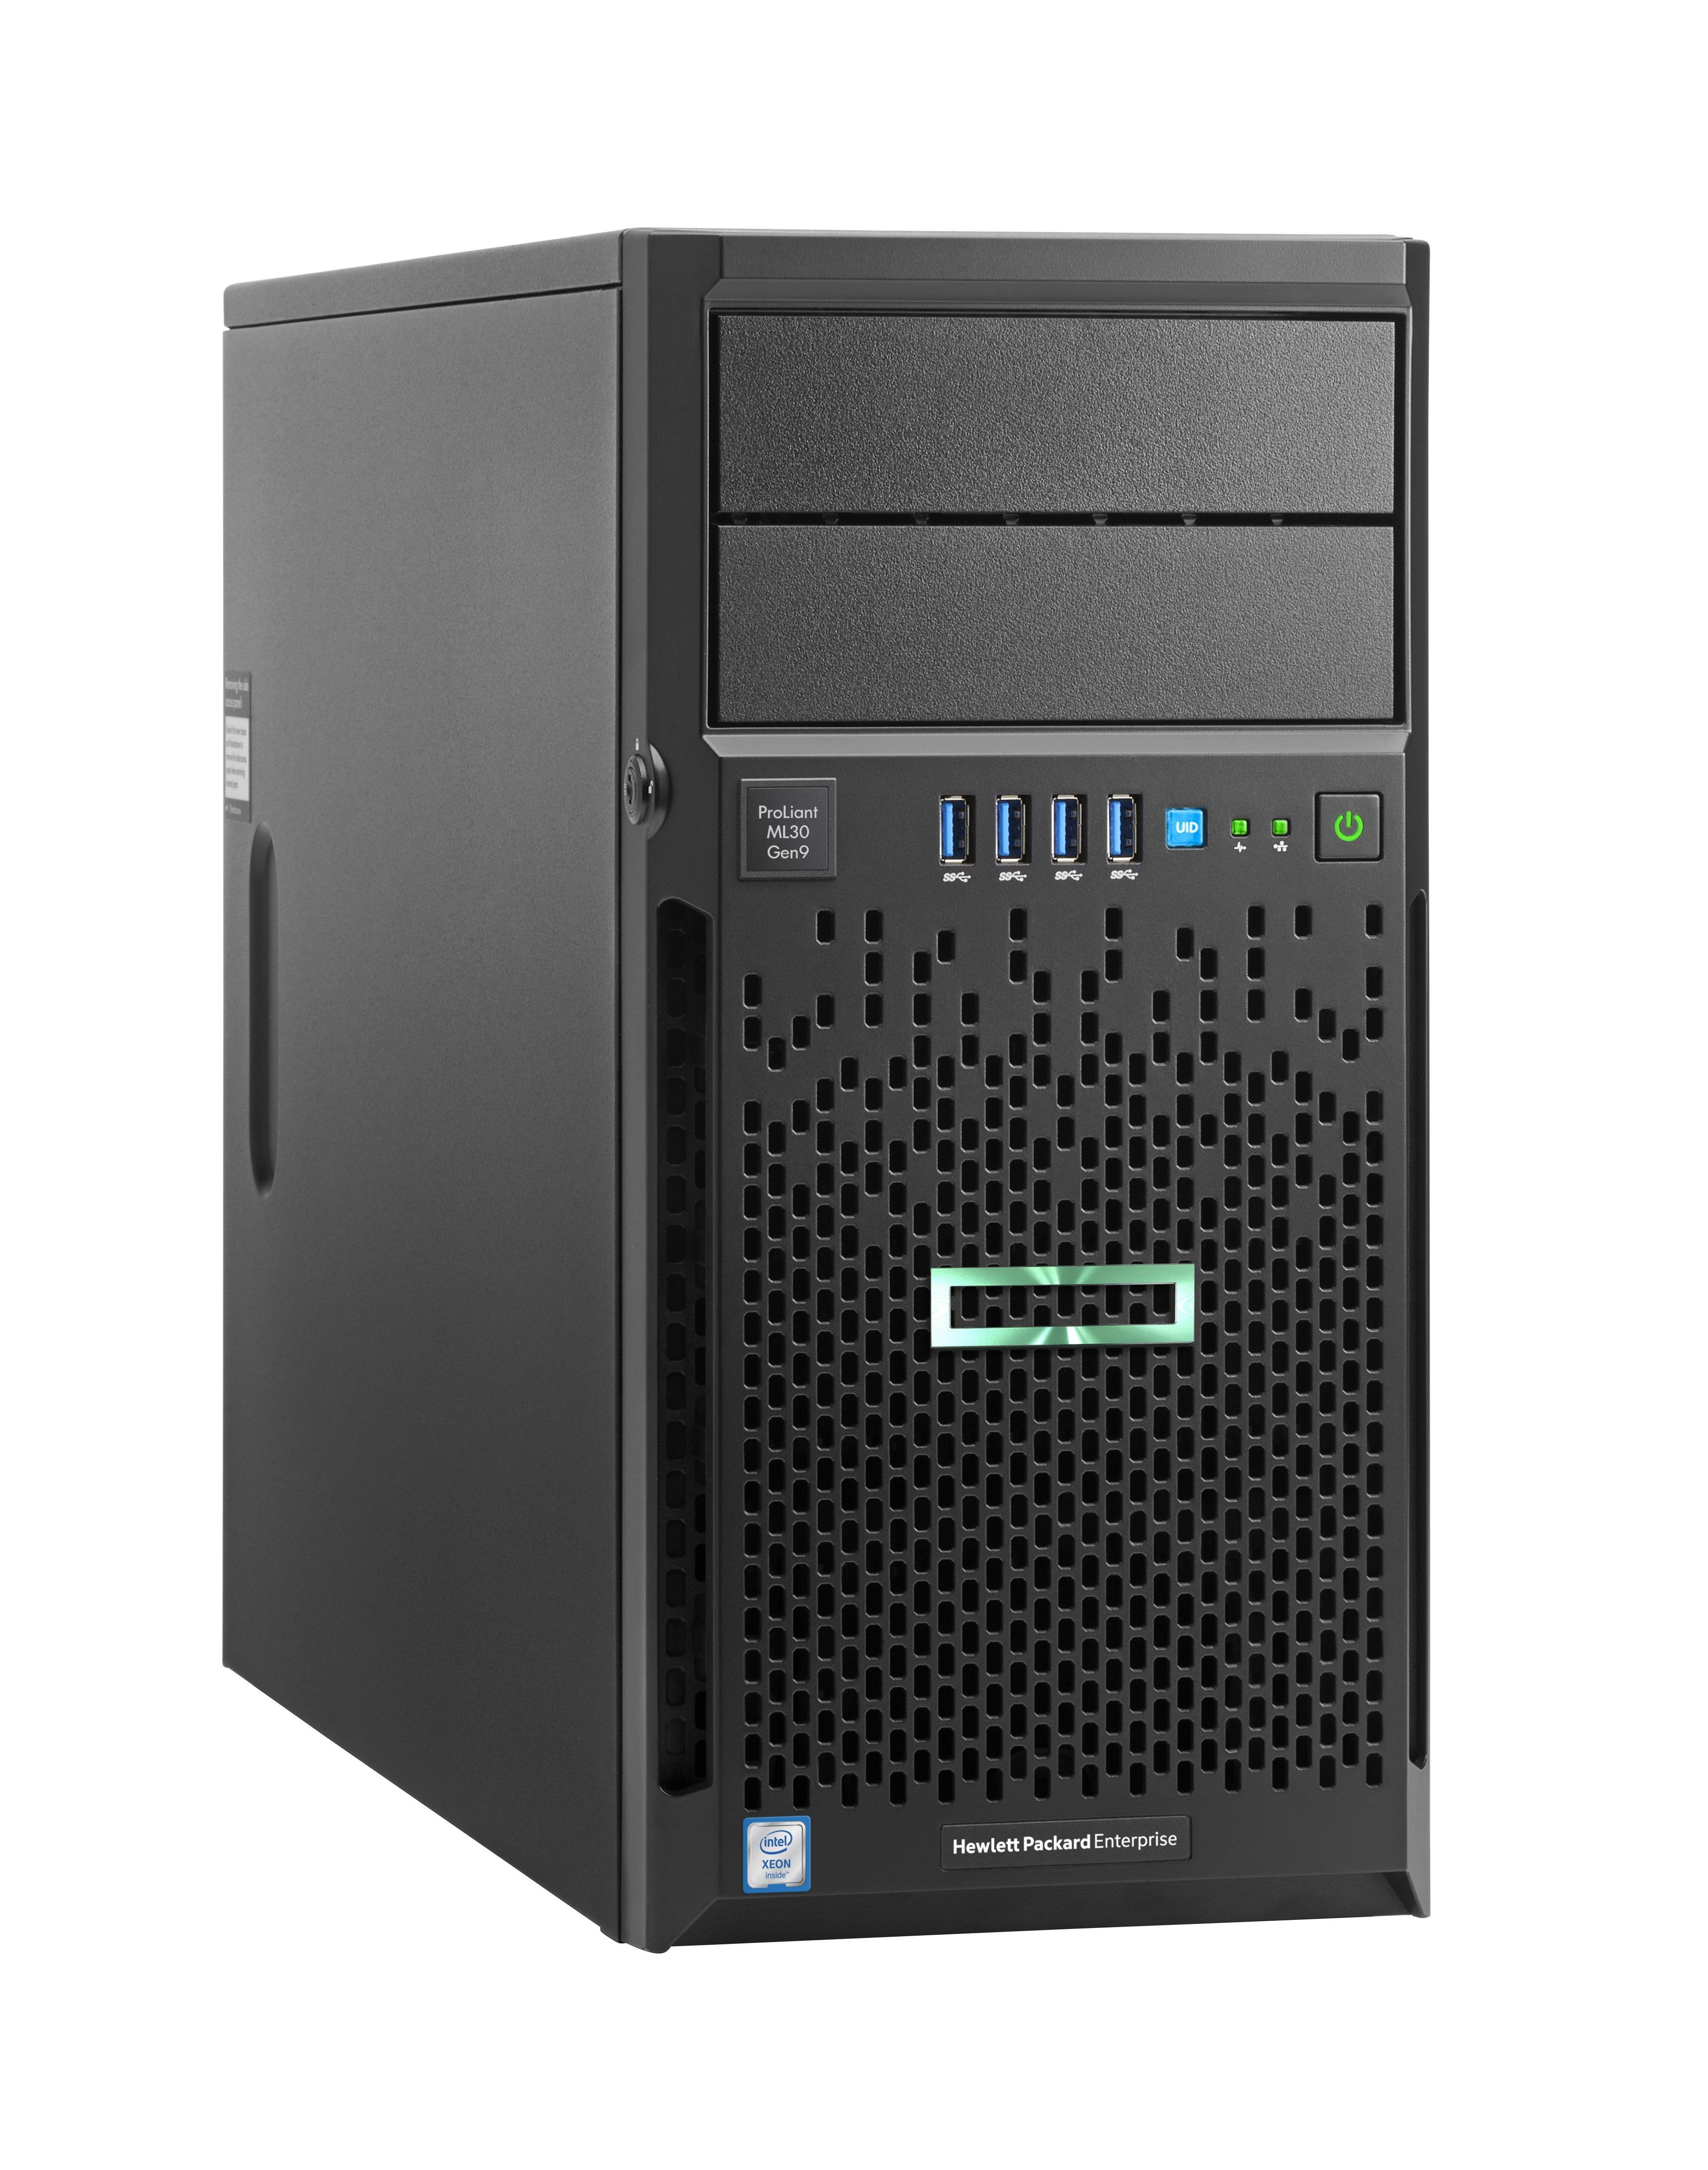 HPE ProLiant ML30 Gen9 Xeon E3-1220V6 3GHz 8GB RAM 1TB HDD